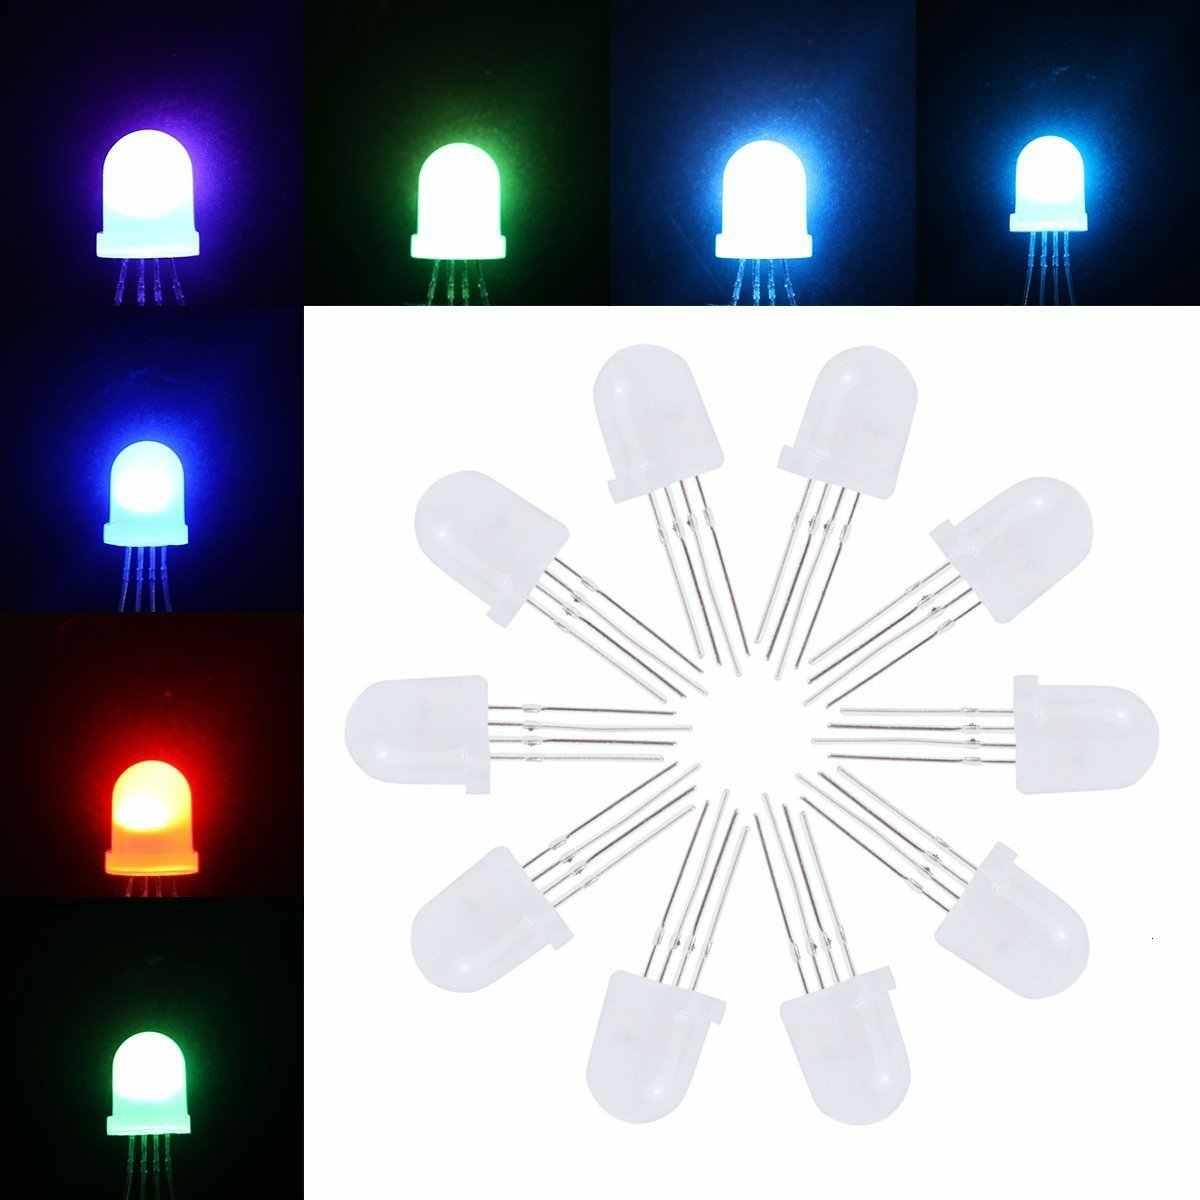 P9823 Ws2818 Apa106 5mm kolorowy wyświetlacz Led koraliki do lampy Led bezpośrednio wstawić Rgb 5v rozproszone 8mm przez otwór LED